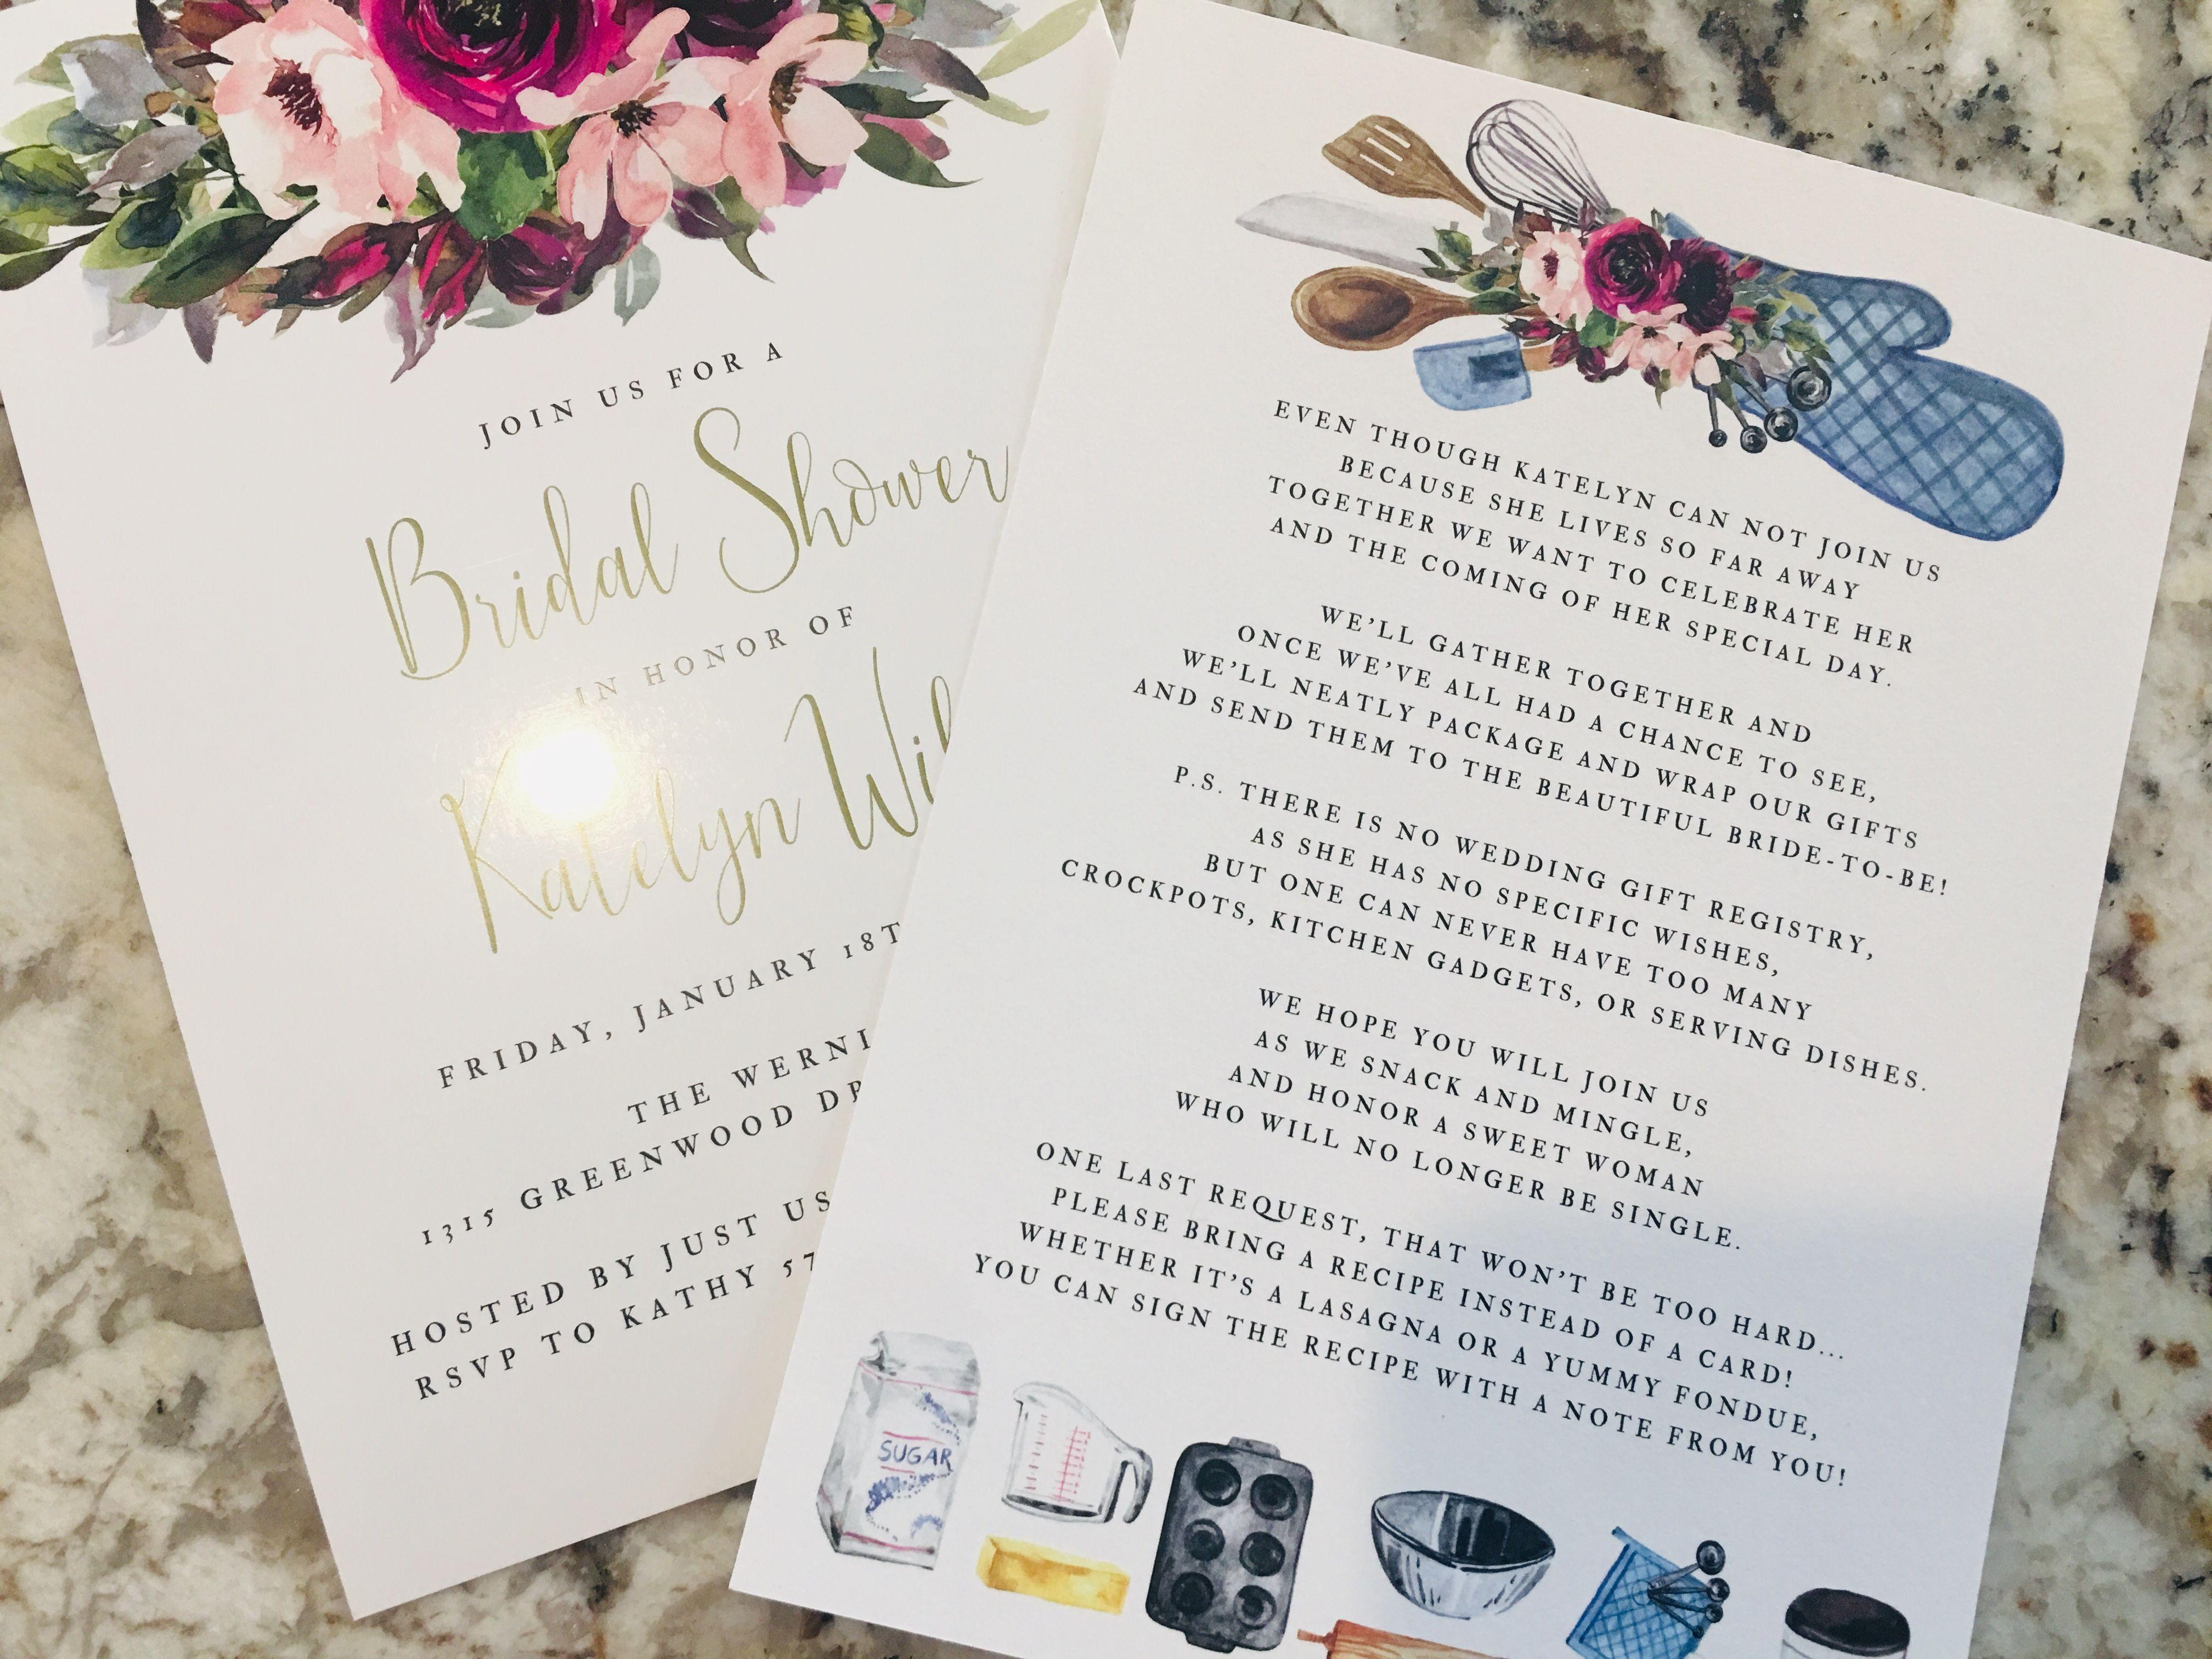 Long Distance Bridal Shower Bridal Shower Bridal Shower Recipes Cards Wedding Shower Invitations